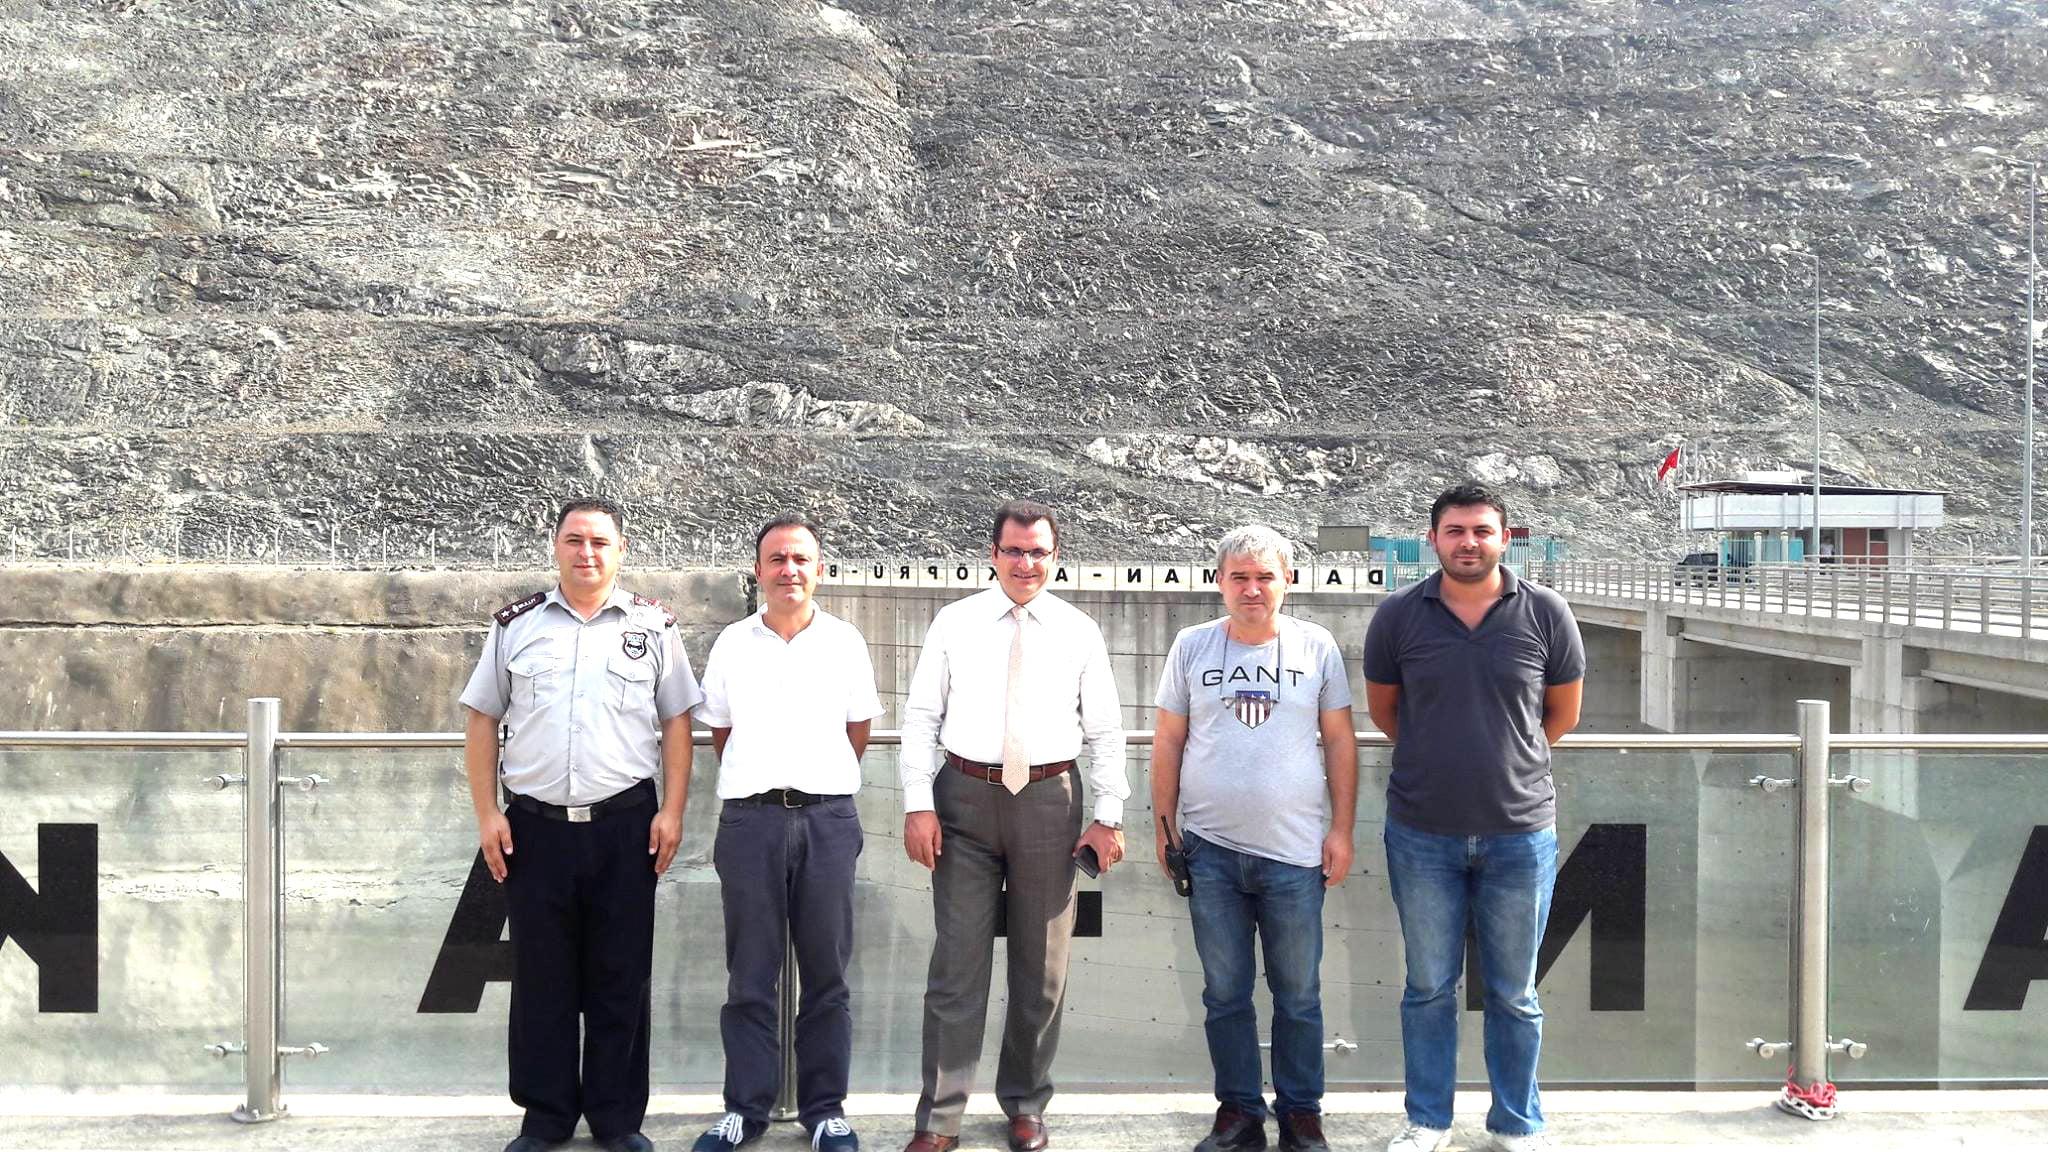 20643508 1998491680384331 952611952663159693 o - Kaymakam Güldoğan'dan Akköprü Barajına ziyaret